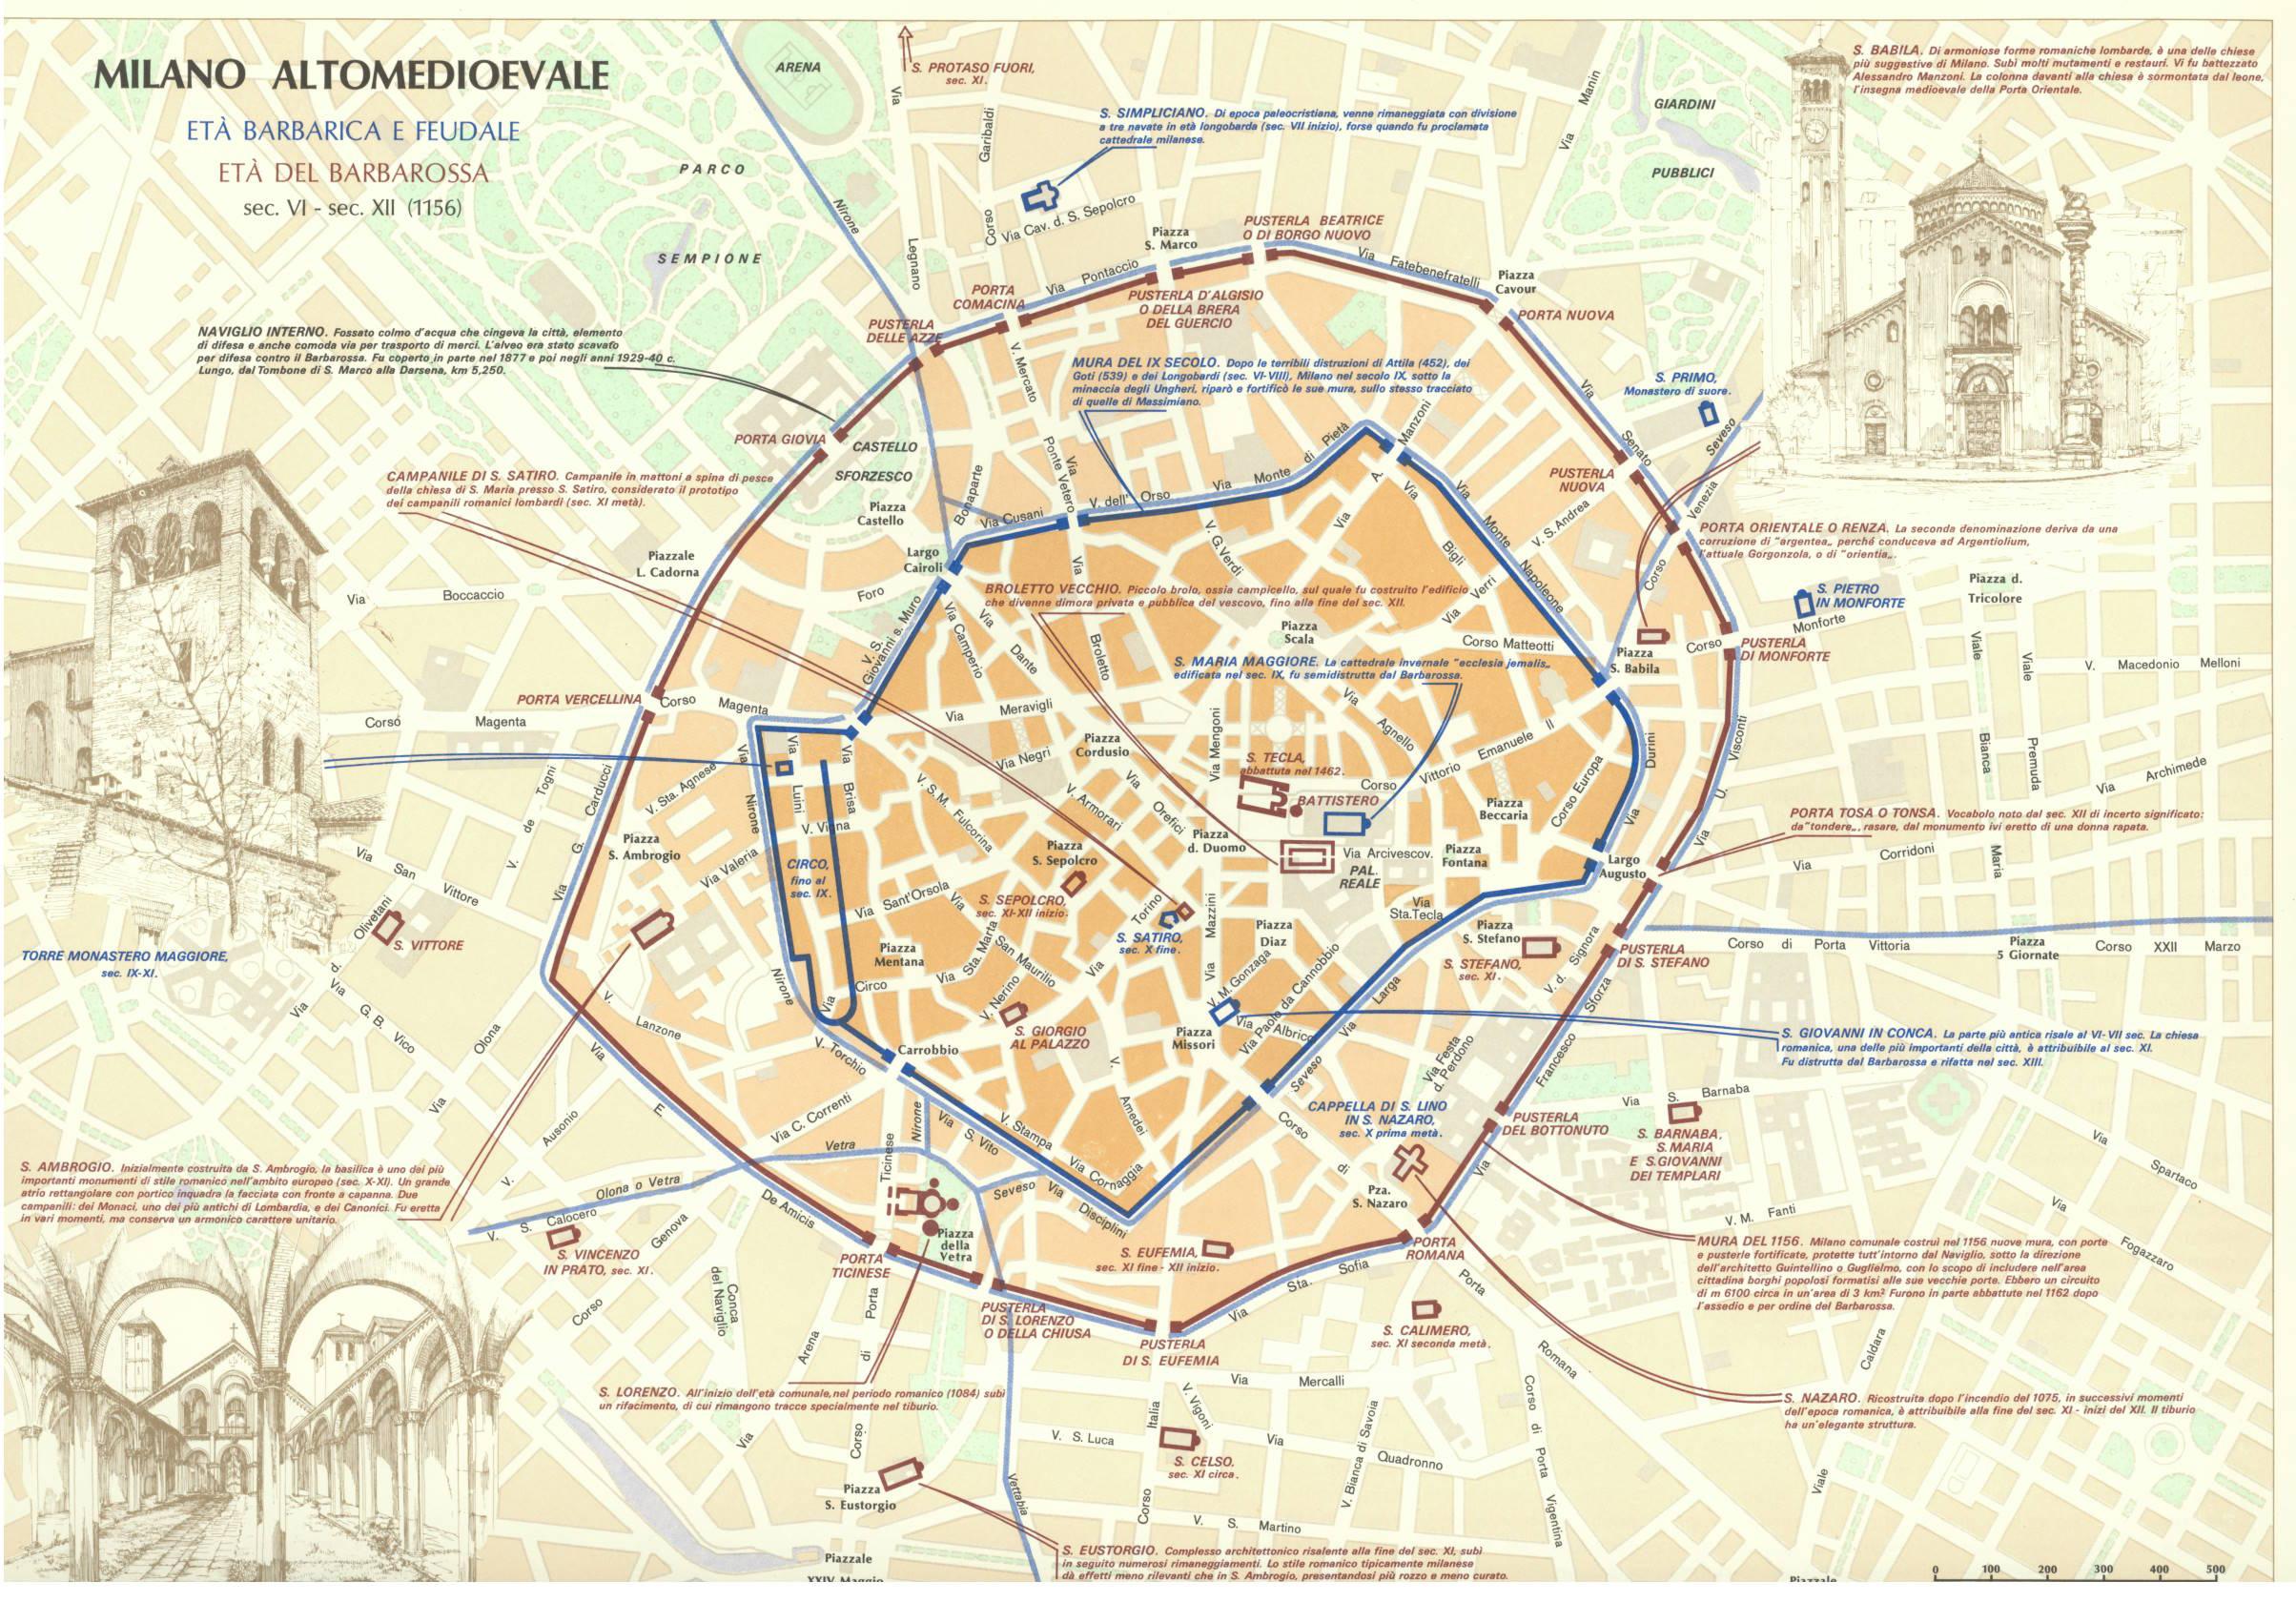 I confini della Milano alto medioevale e i corpi santi, le aree cimiteriali con le relative chiesette fuori le mura